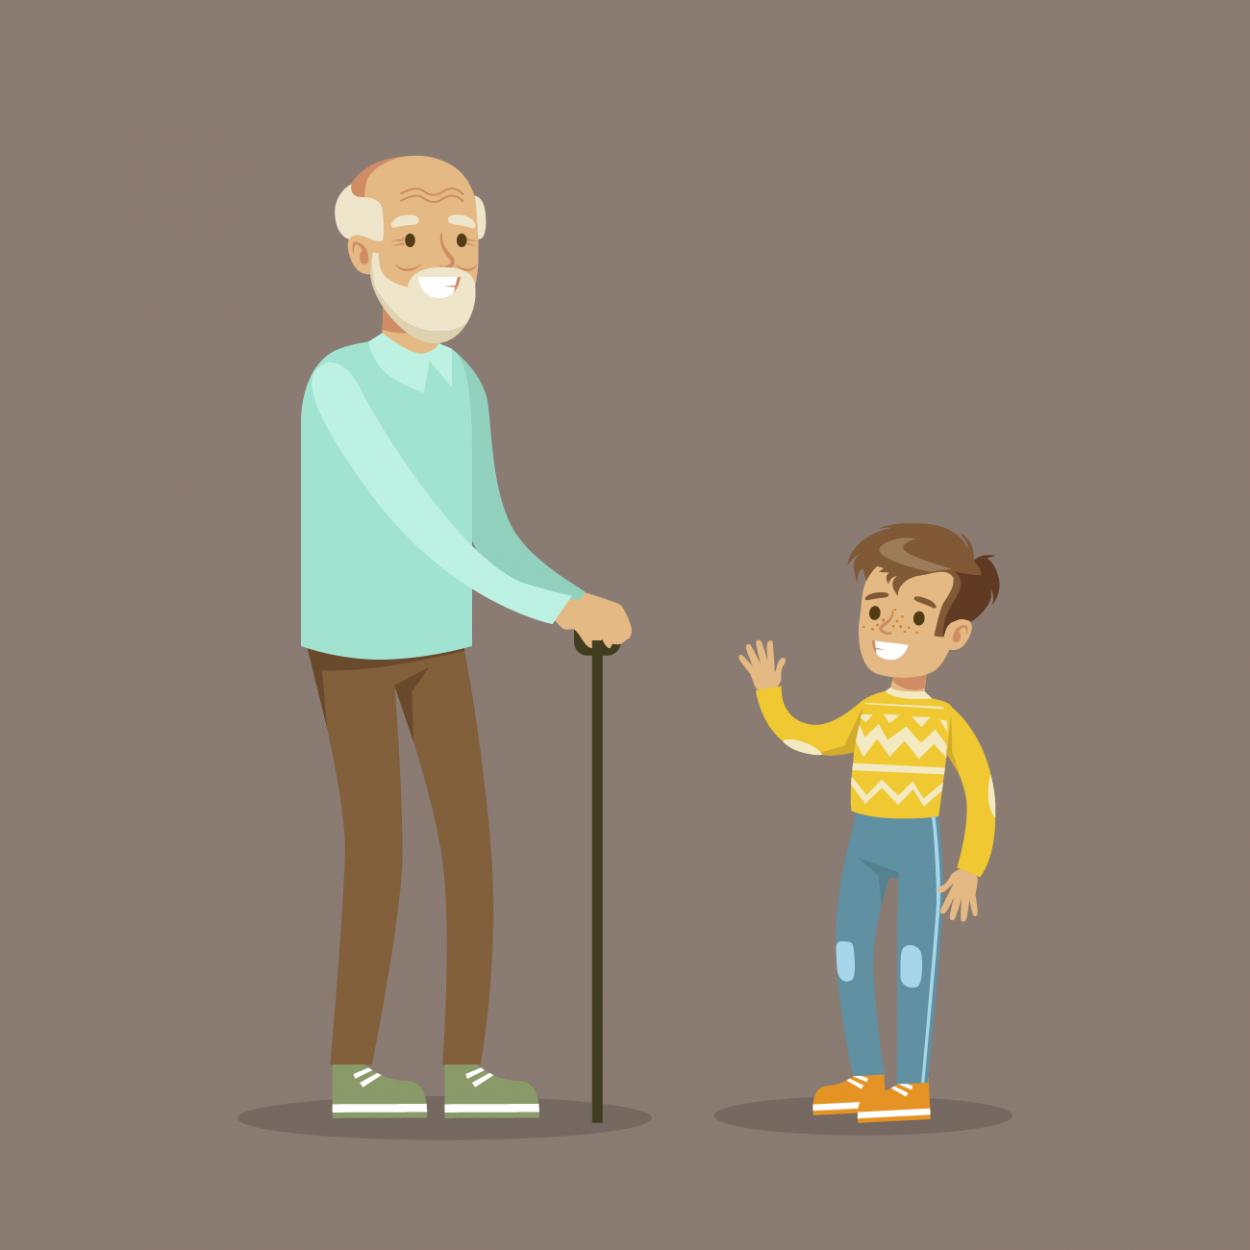 Иллюстрация к анекдоту про еврейского дедушку и игрушку для внука